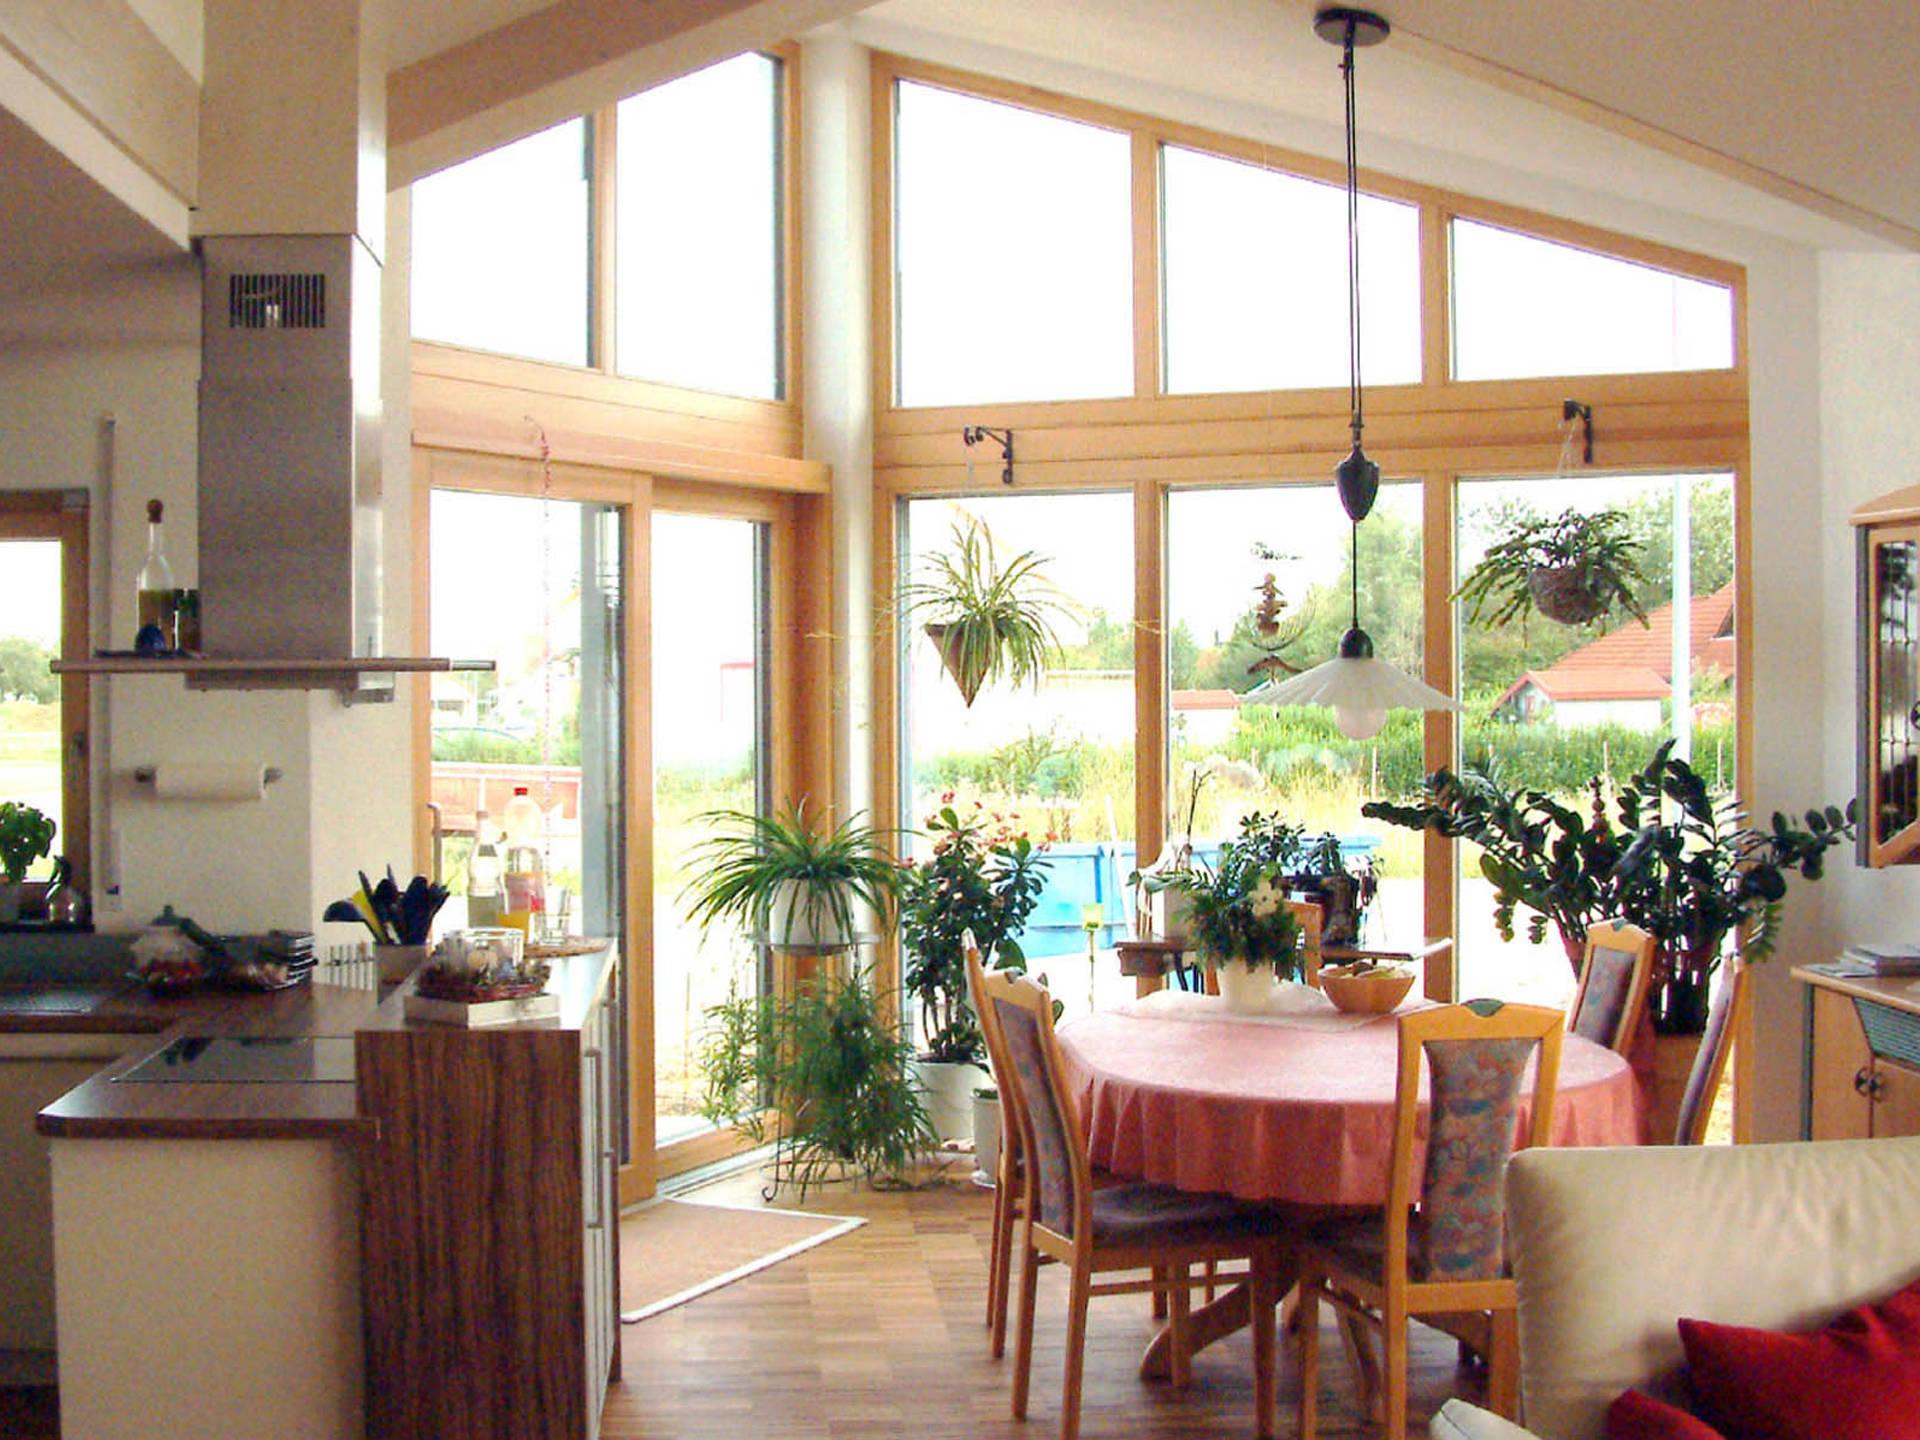 Haus homestory 511 lehner haus for Einfamilienhaus innenansicht